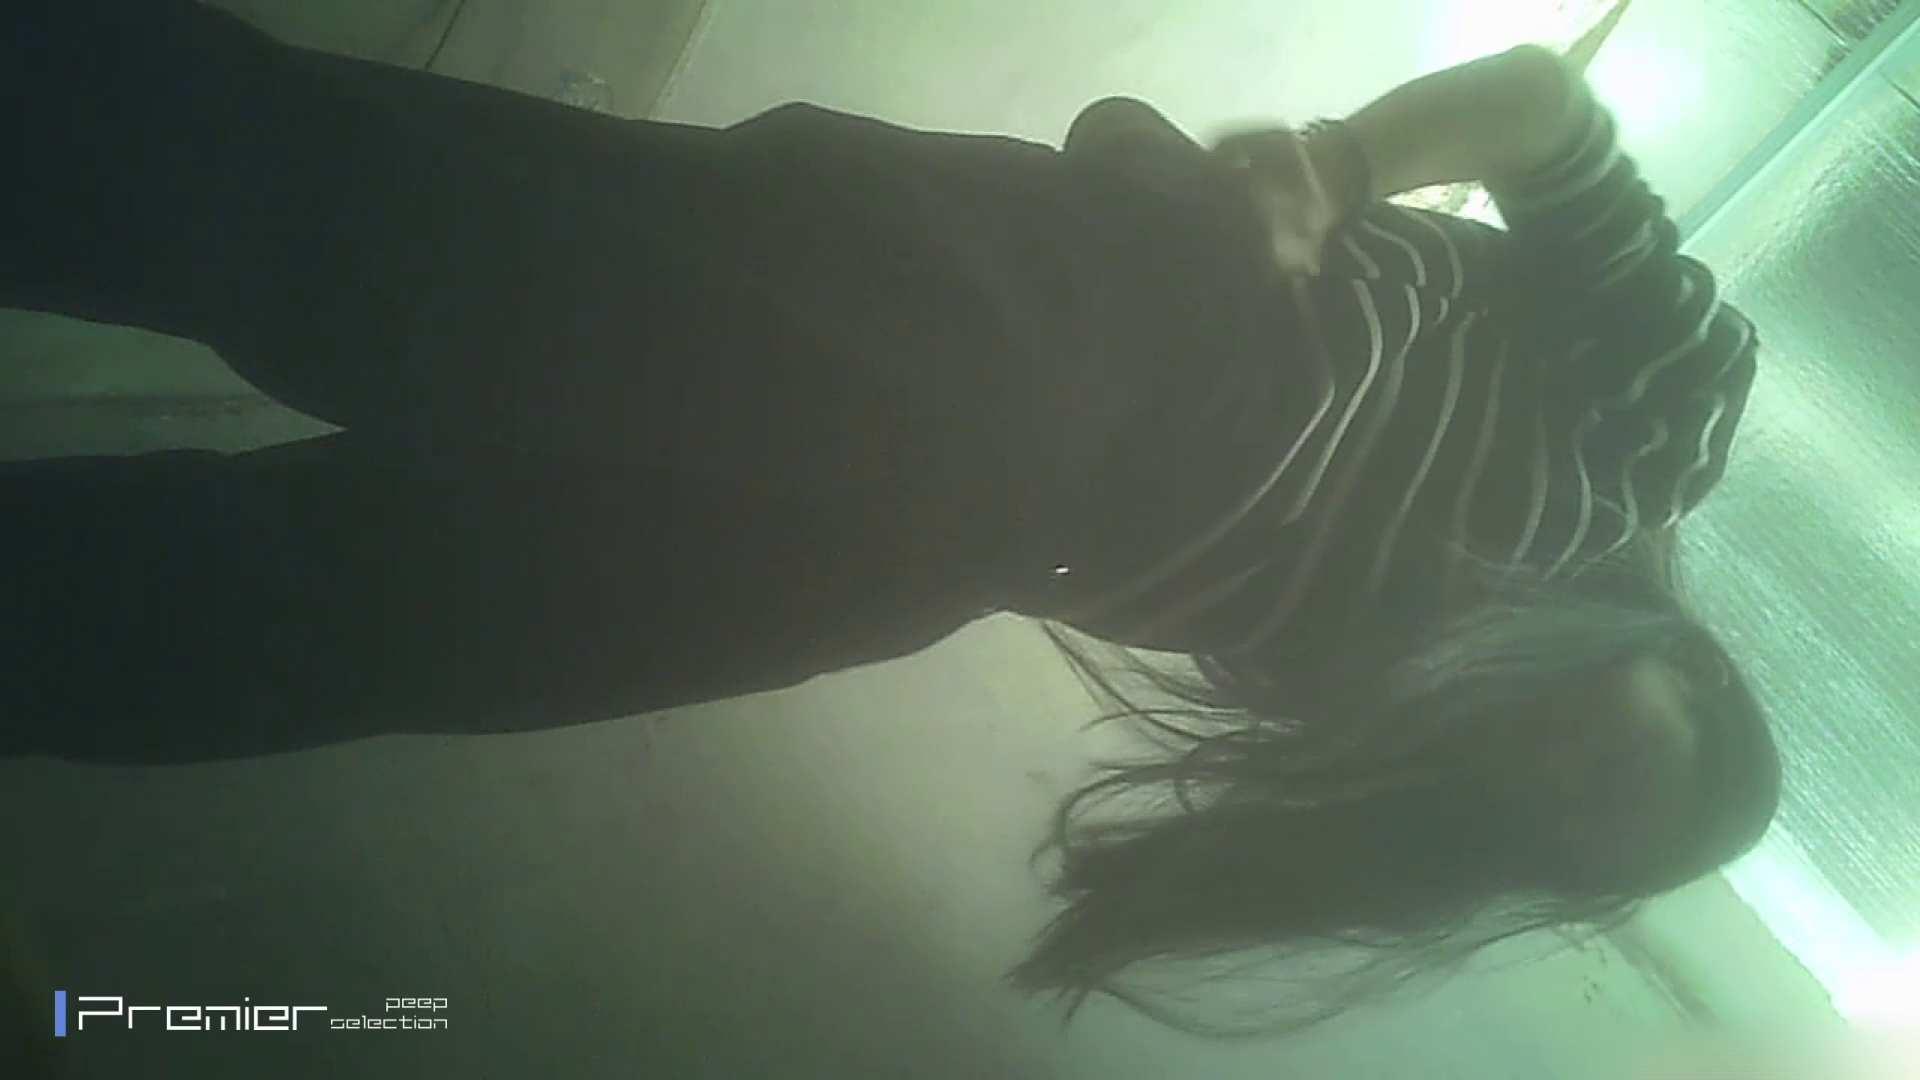 トイレシーンを密着盗撮!!黒髪美女降臨!美女の痴態に密着!Vol.08 潜入 オメコ動画キャプチャ 60画像 22